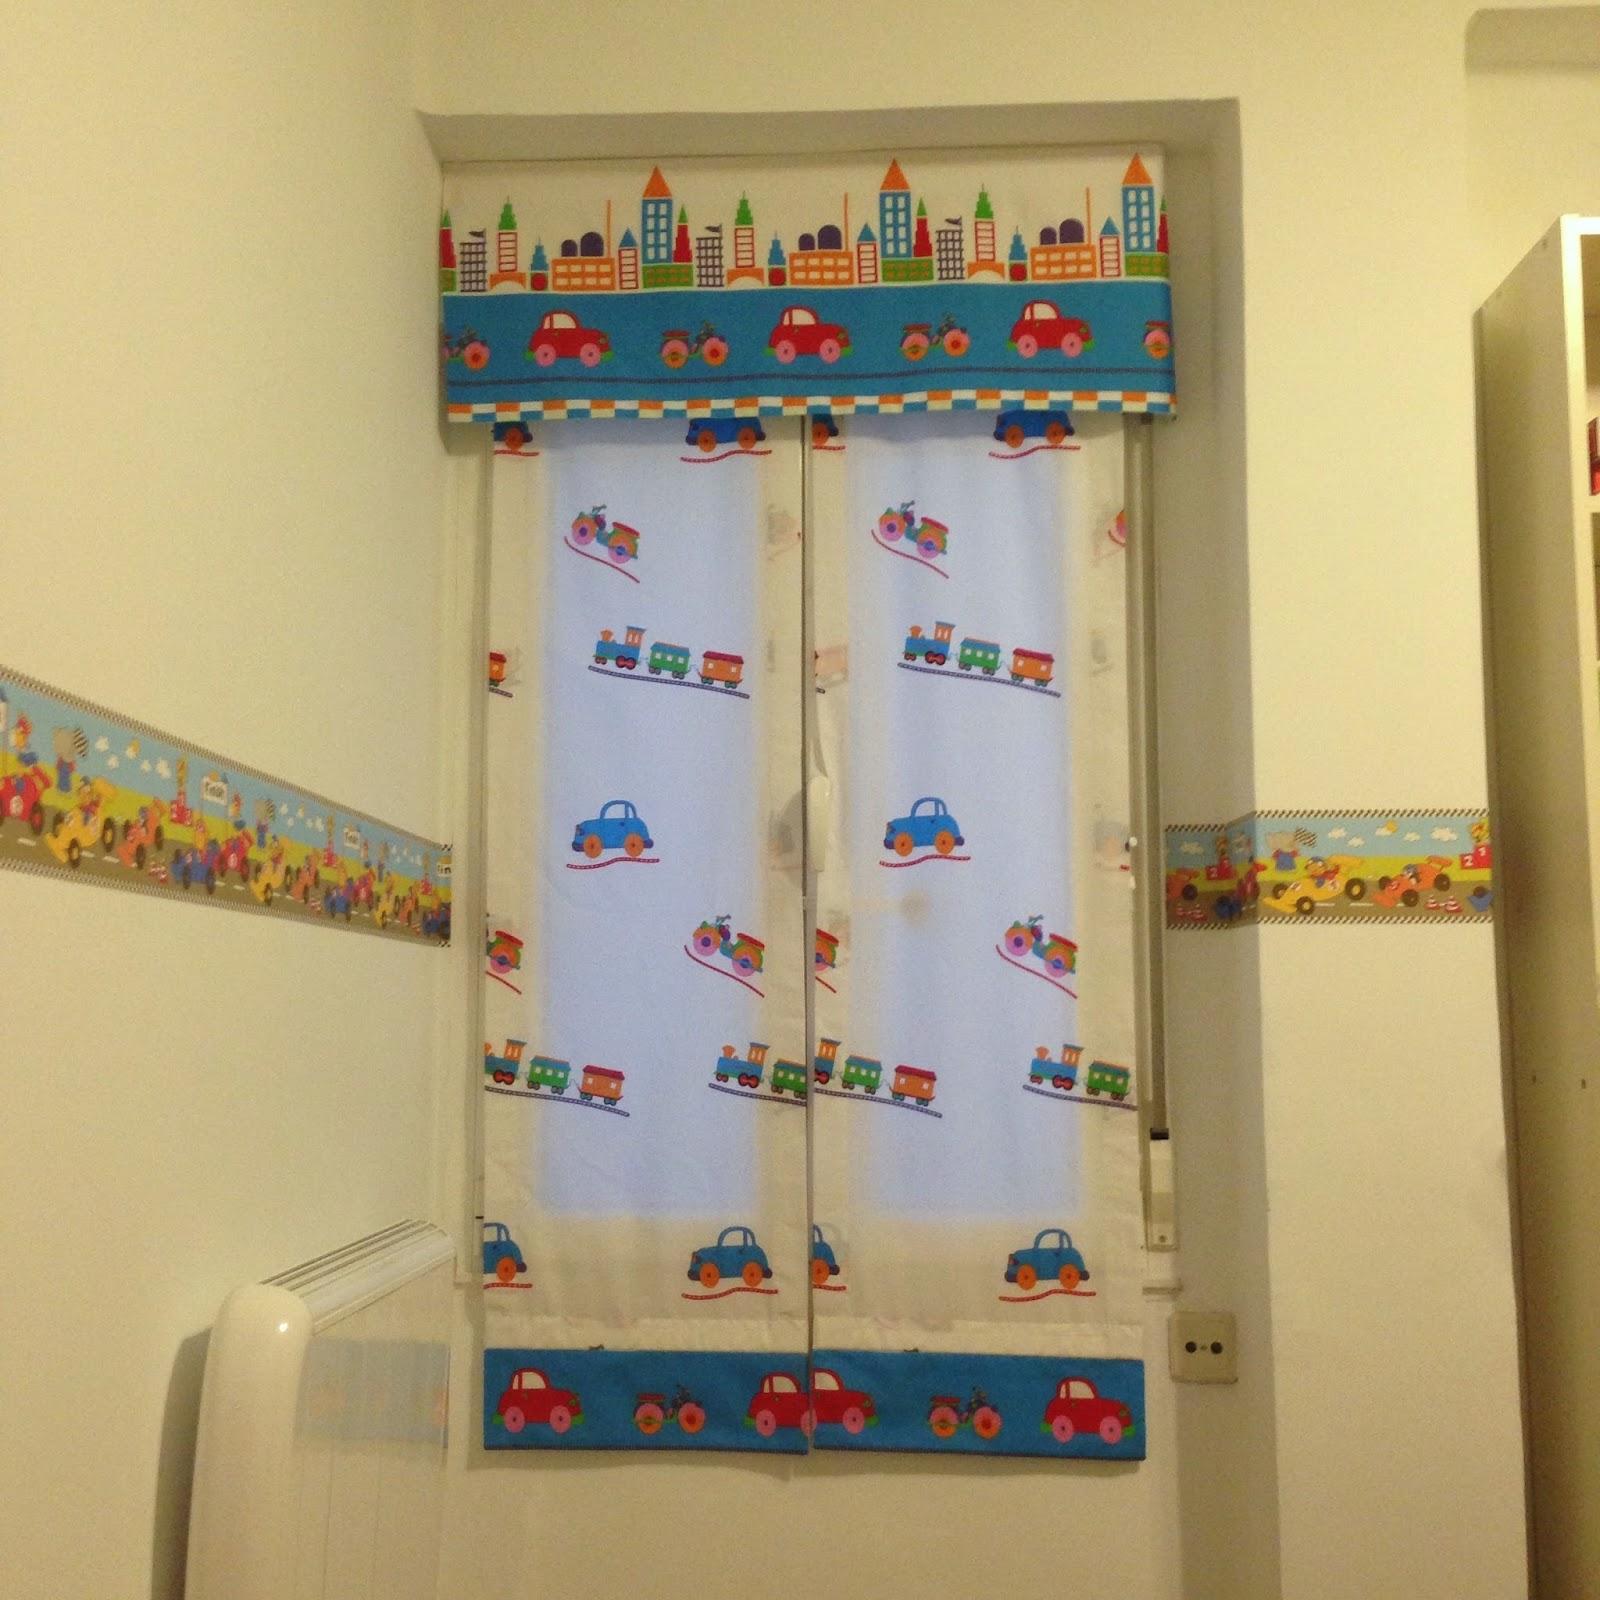 estores para habitacin de nio hoy os traigo un proyecto cosido por mi madre se trata de unas cortinas tipo estor con band de cochecitos